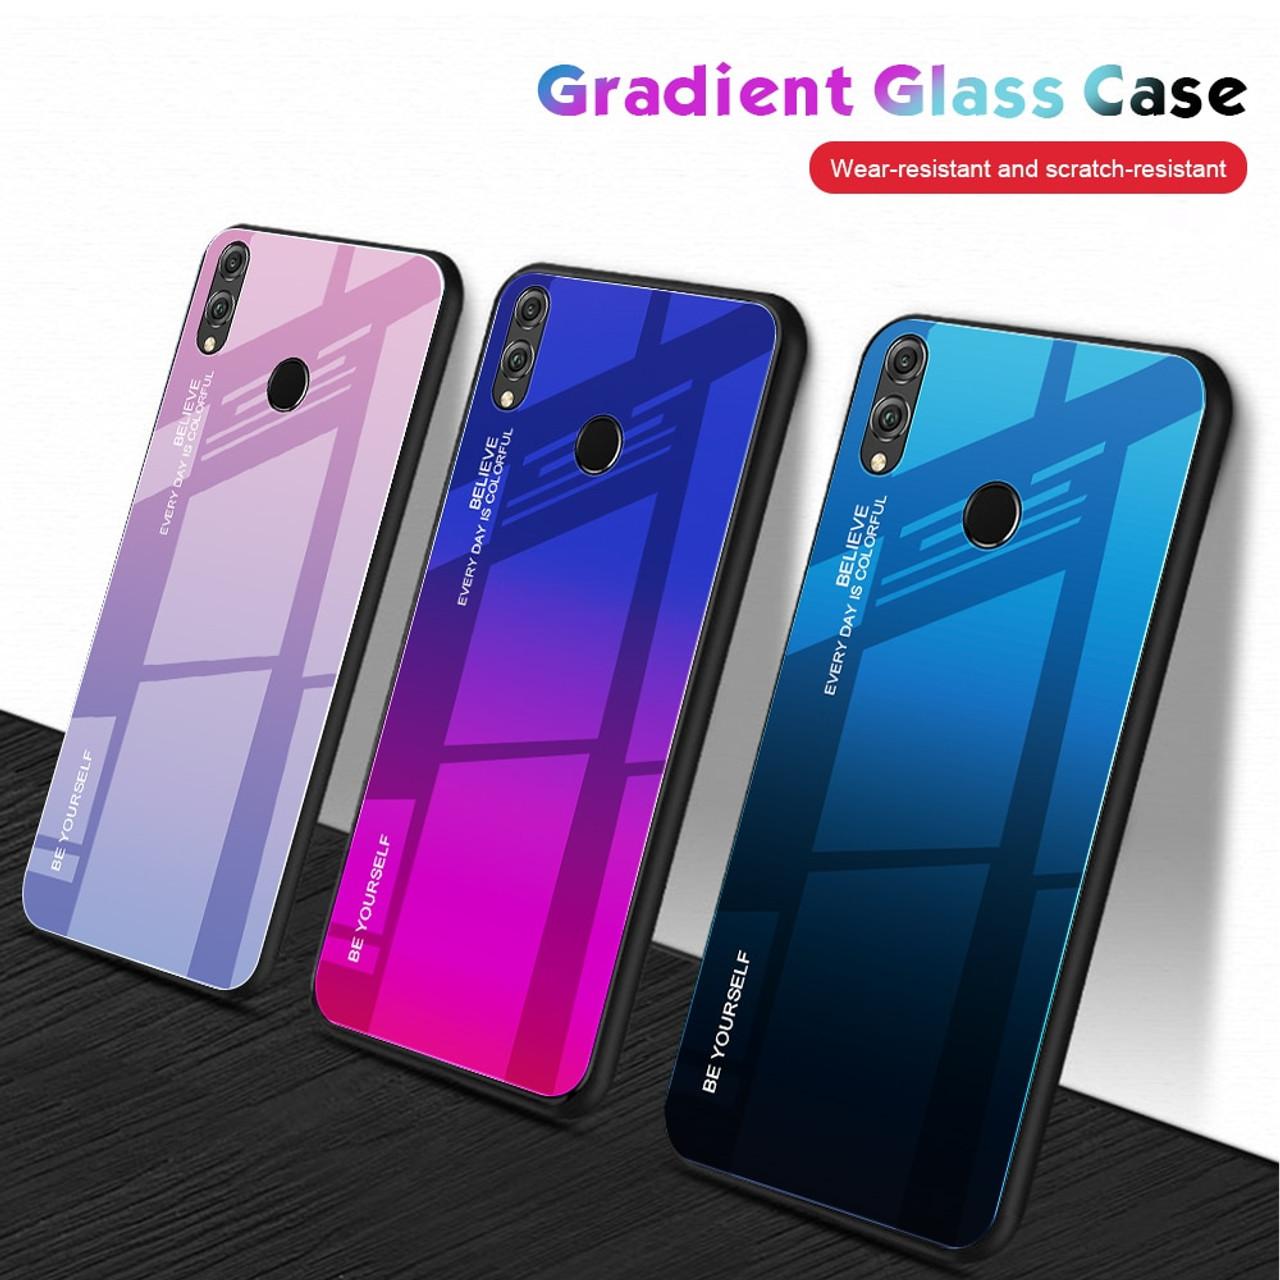 Folkekære Gradient Phone Case For Huawei Y6 Prime 2019 P30 P20 Lite Pro FM-27